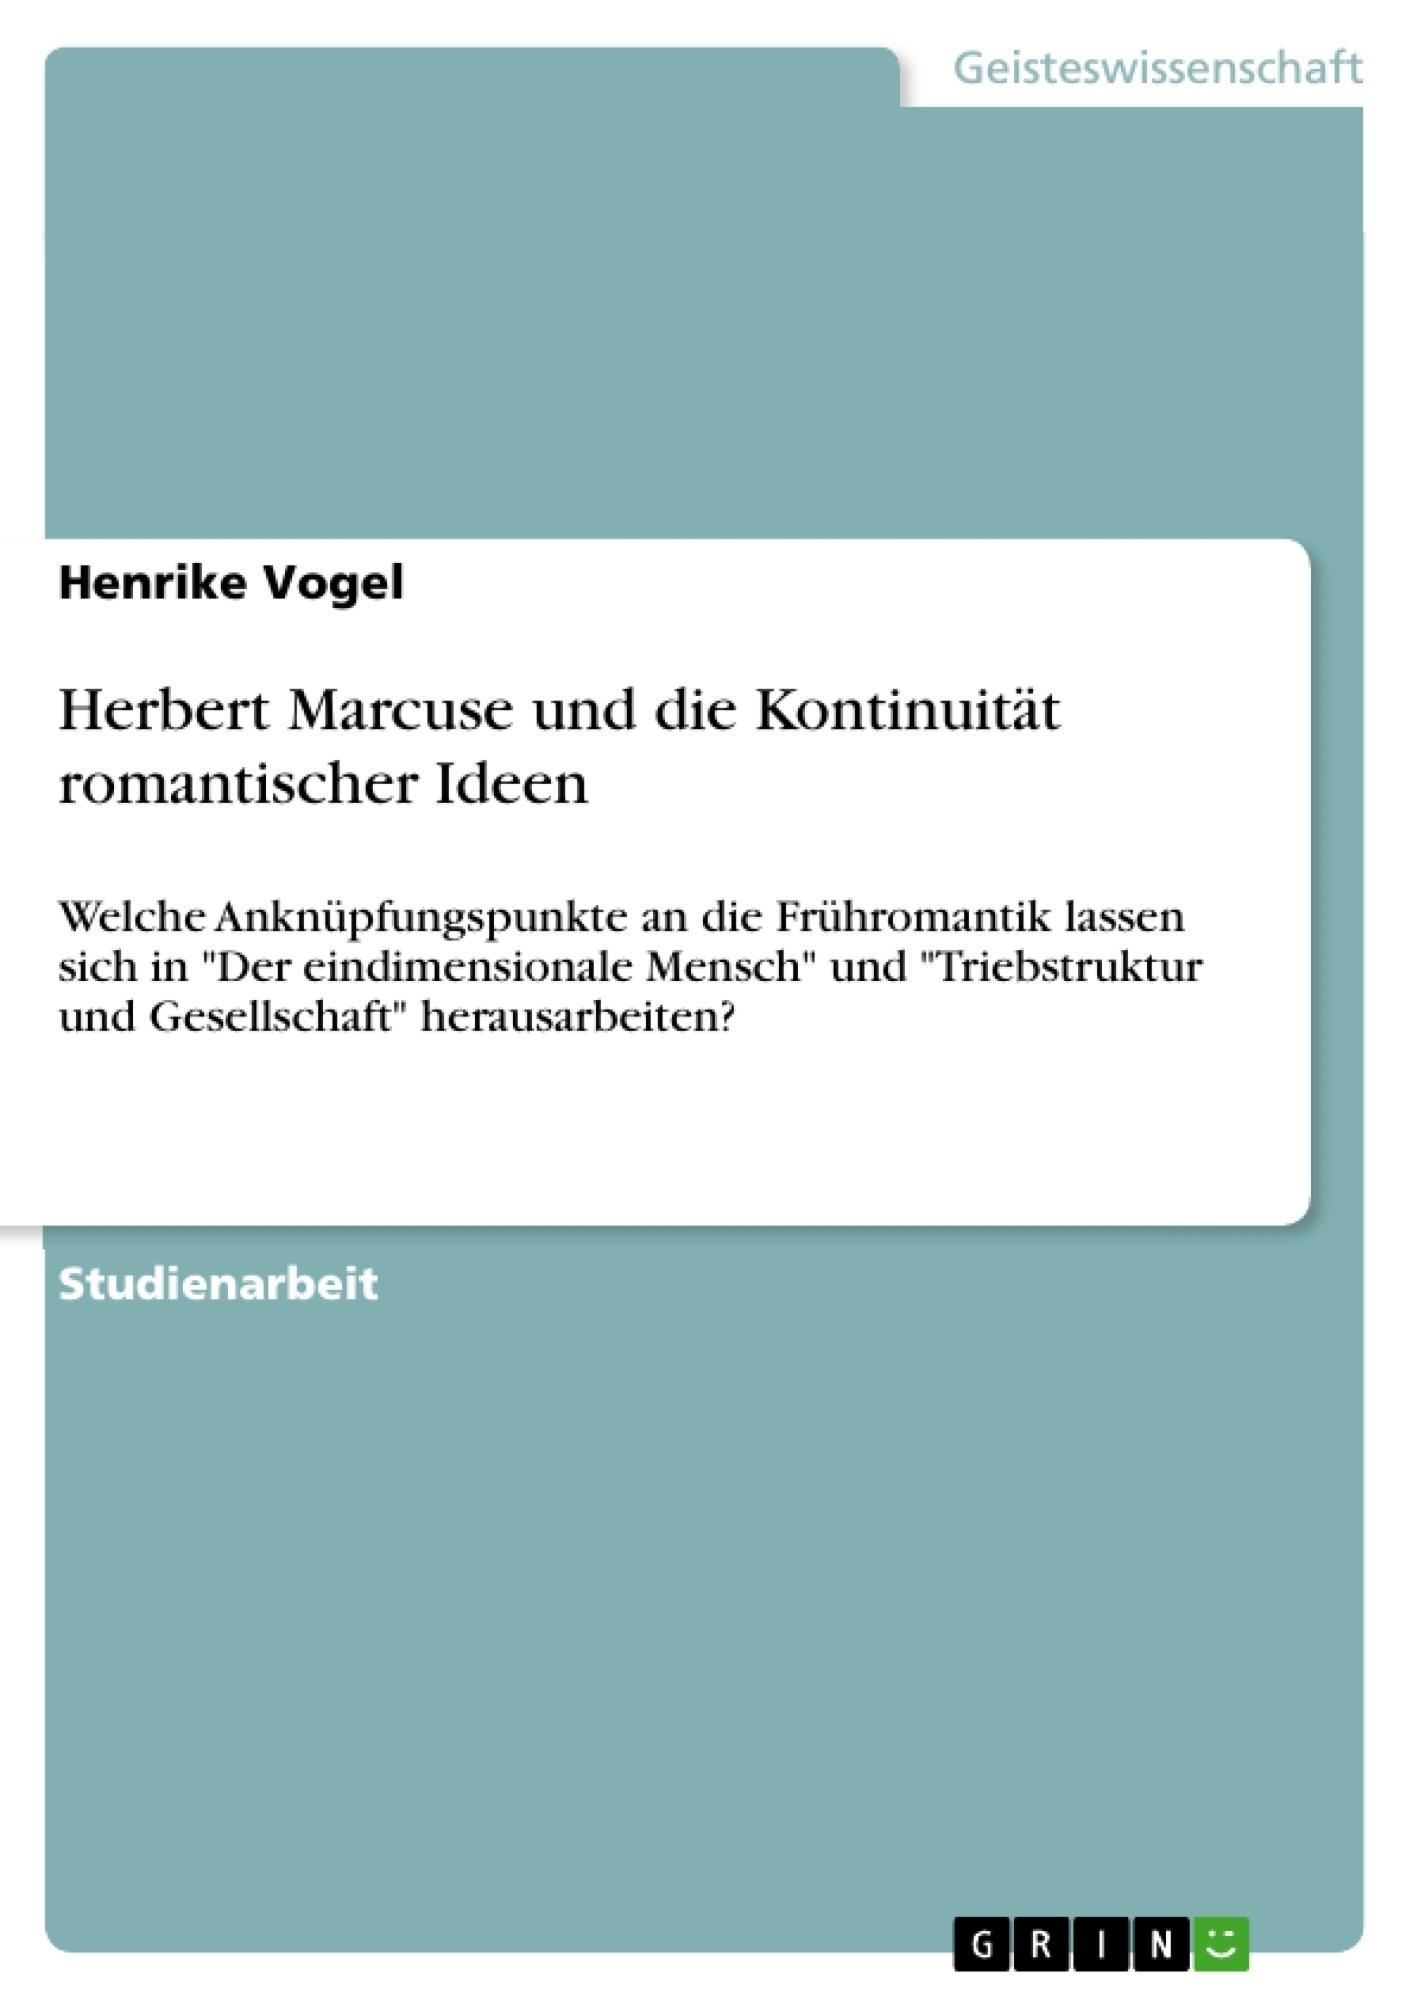 Titel: Herbert Marcuse und die Kontinuität romantischer Ideen